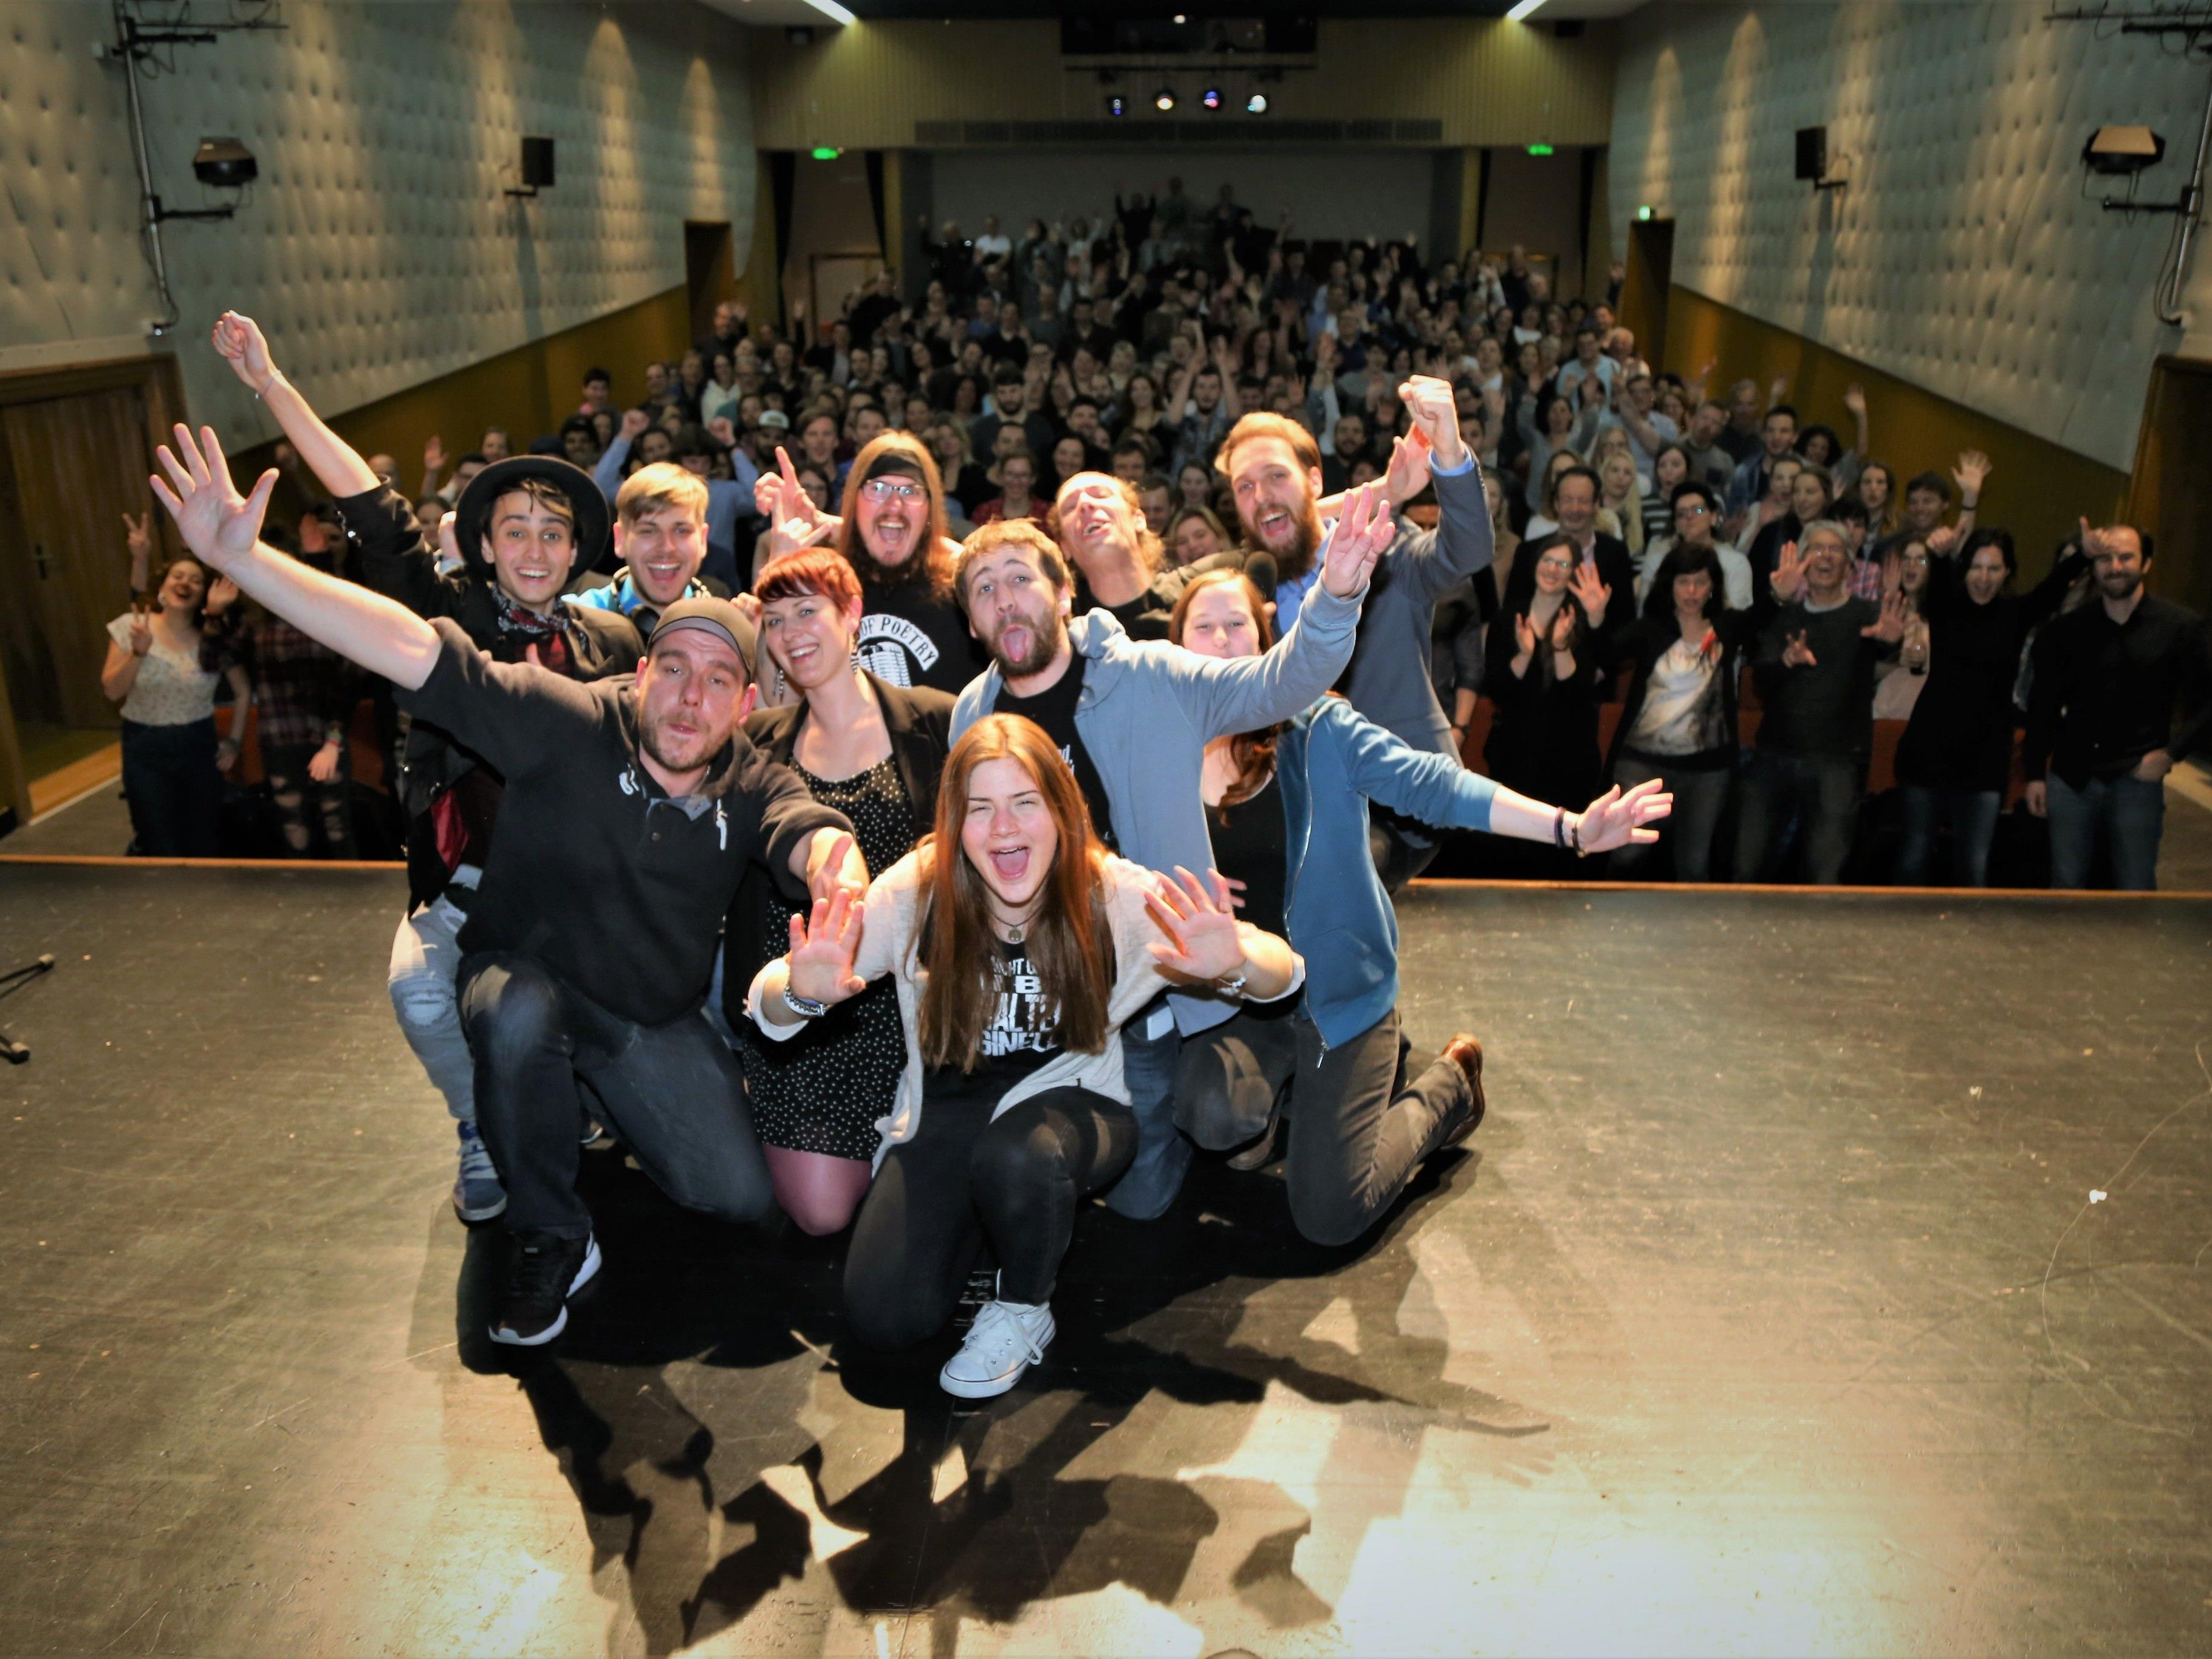 Veranstalter Lukas Wagner, acht Poeten, ein DJ und 250 Gäste sorgten für einen unvergesslichen Abend in Götzis.